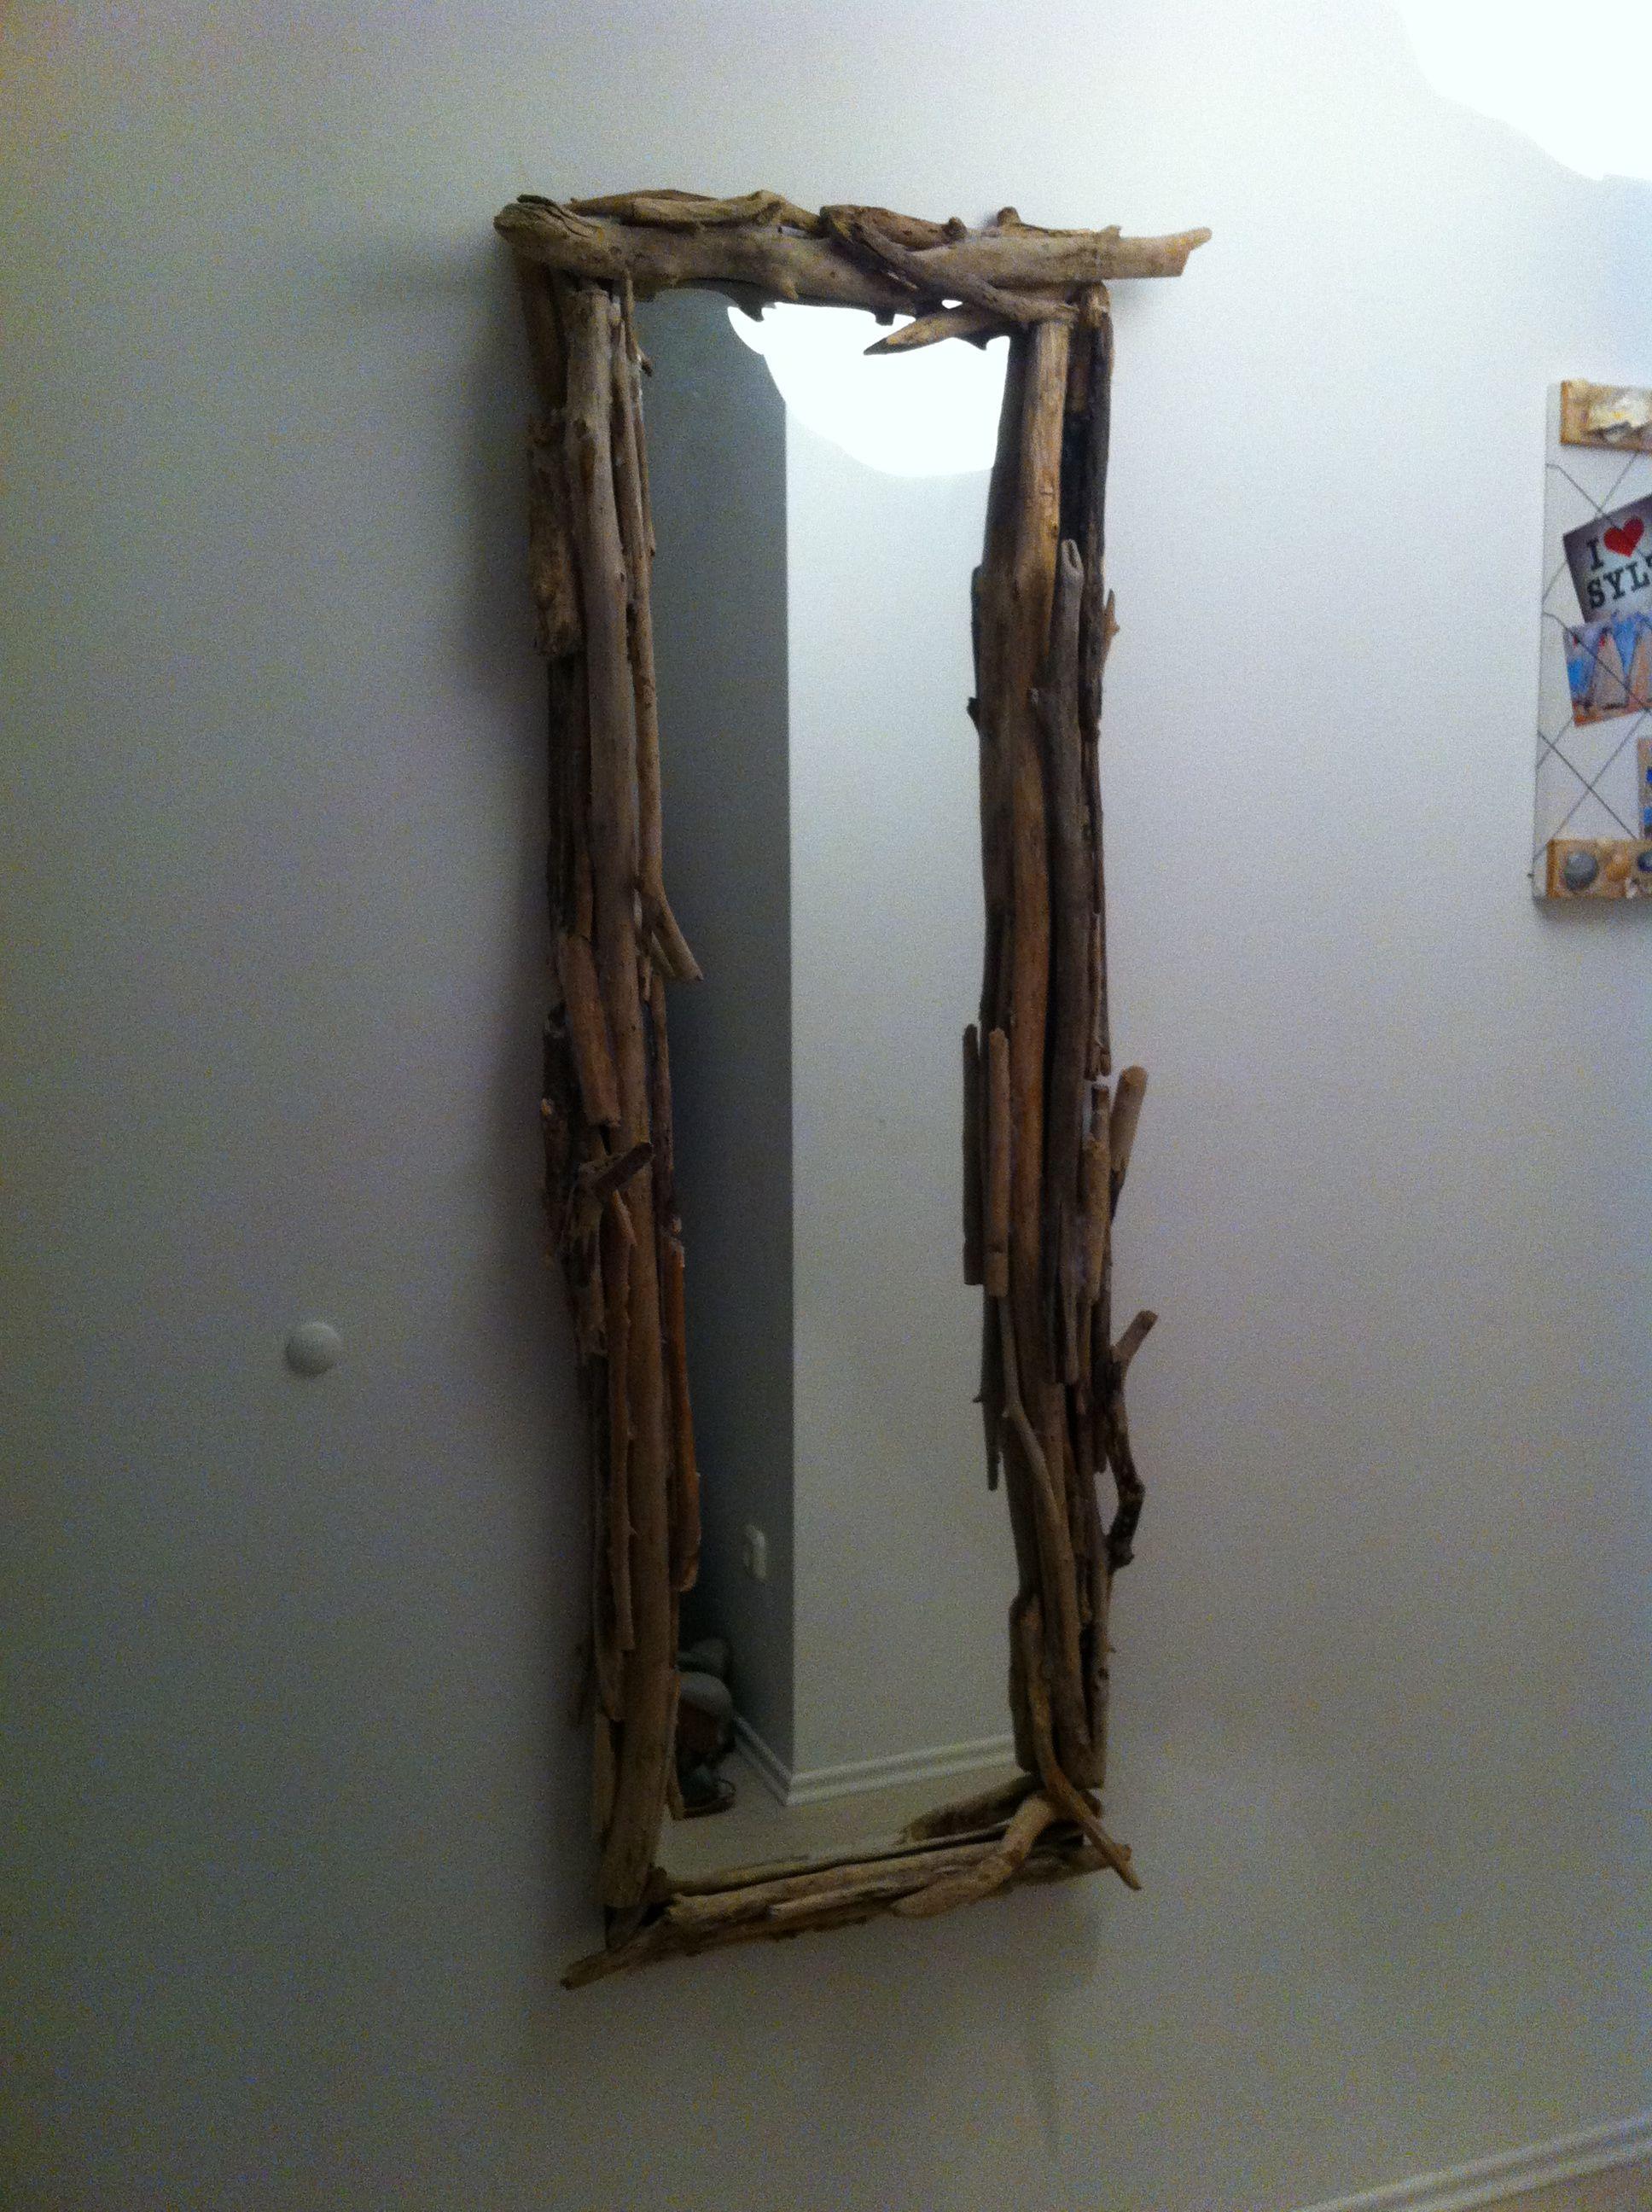 treibholz spiegel selfmade pinterest. Black Bedroom Furniture Sets. Home Design Ideas